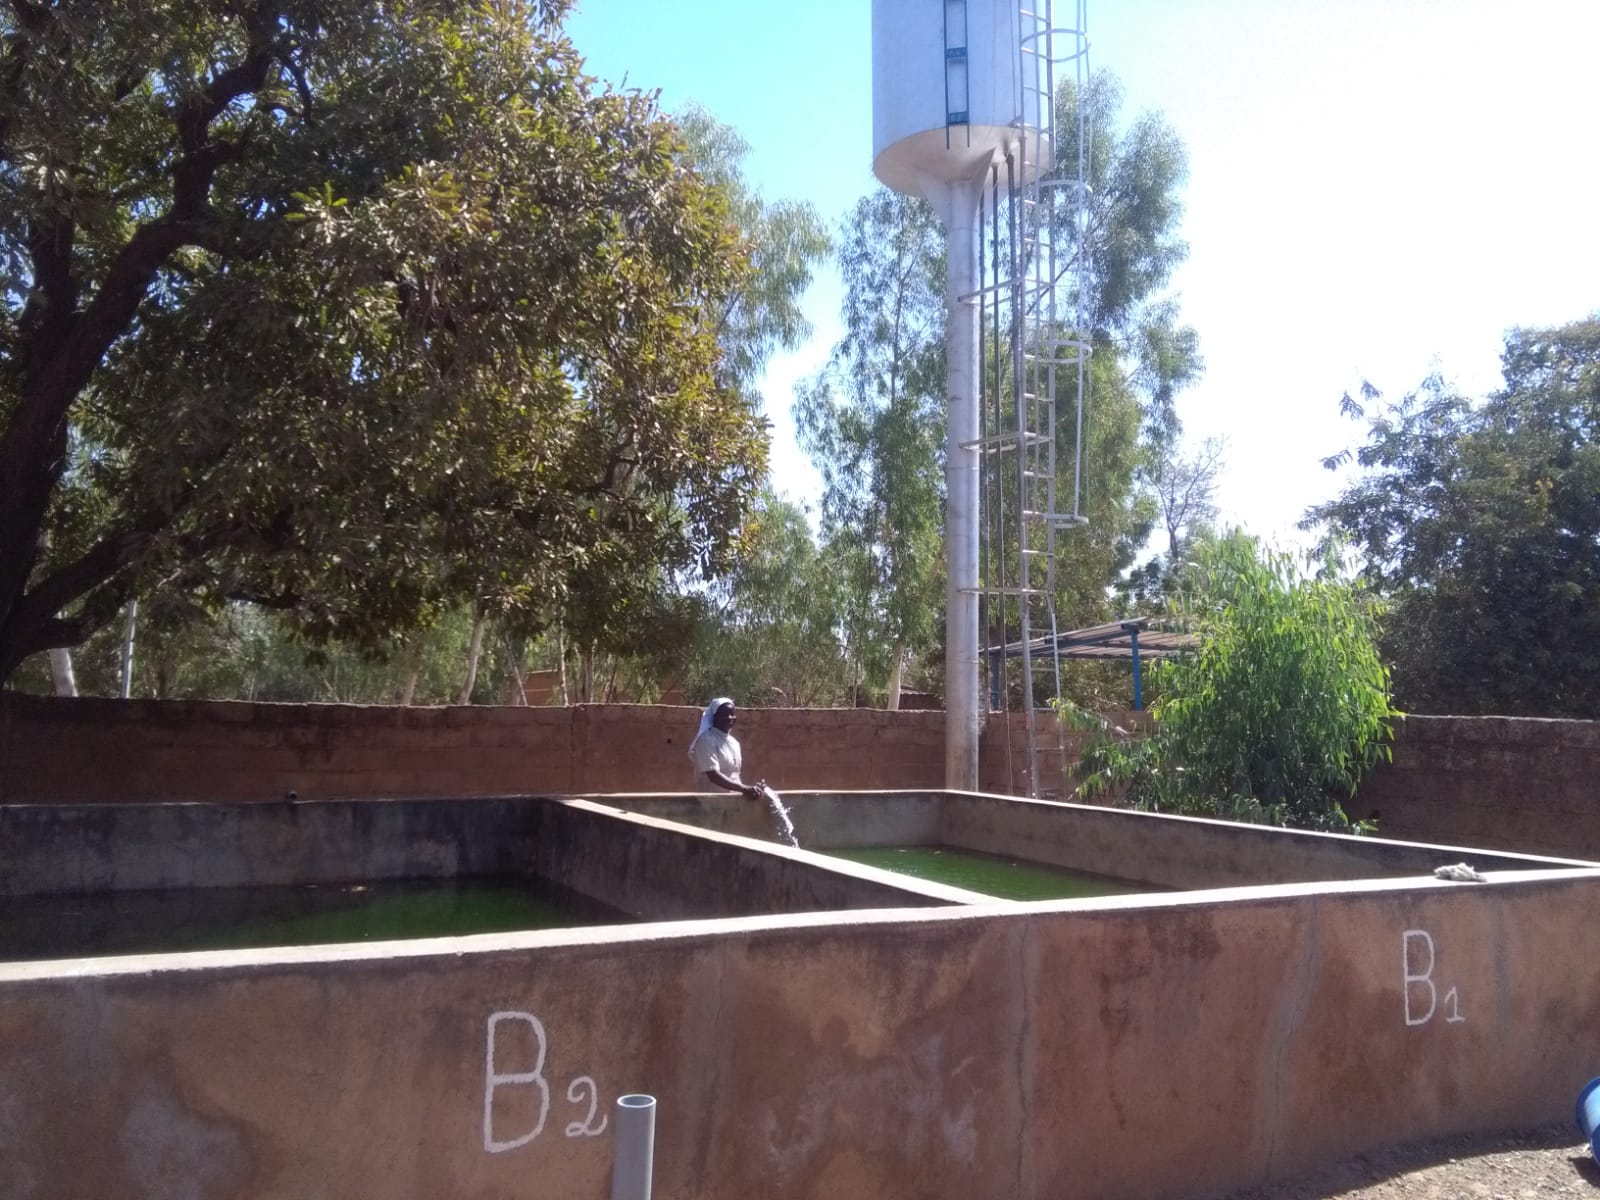 Im Hintergrund ist der neue Wassertank, der fast zehn Meter in die Höhe ragt, zu sehen.